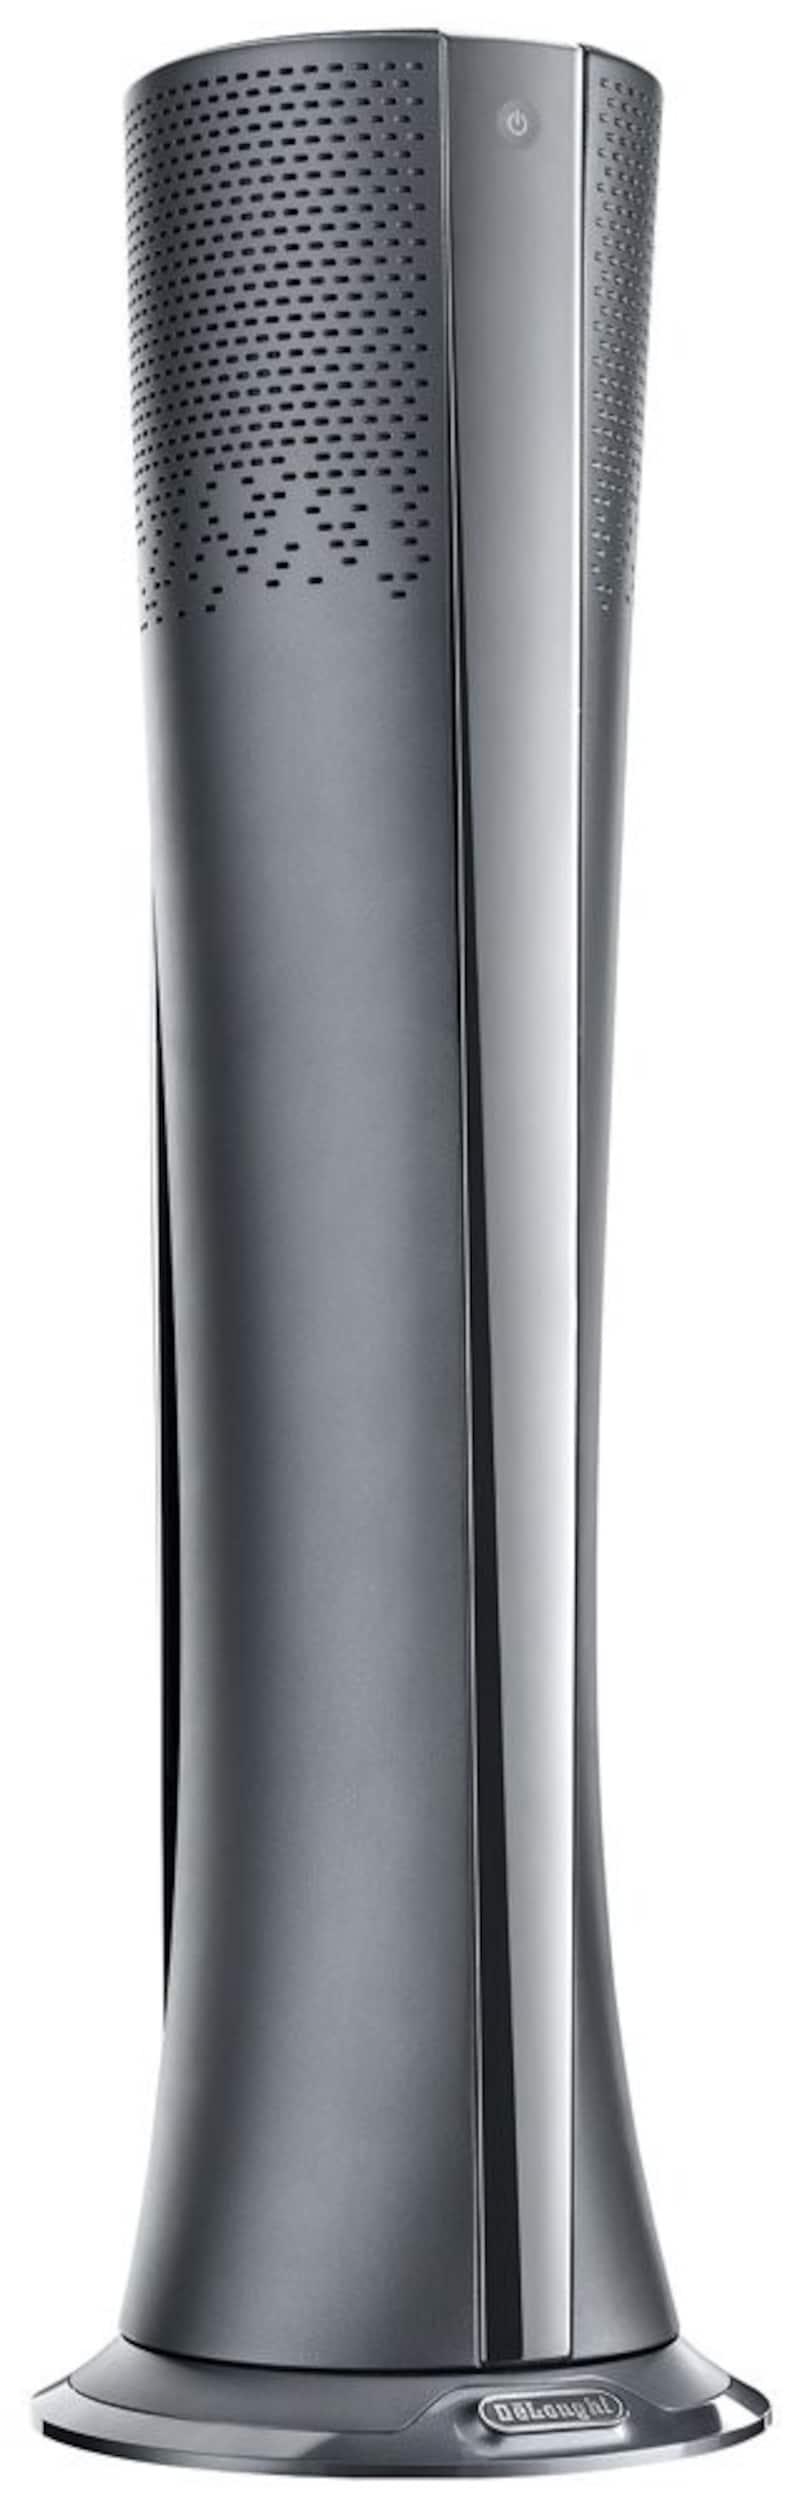 デロンギ,空気清浄機能付きファン,HFX85W14C